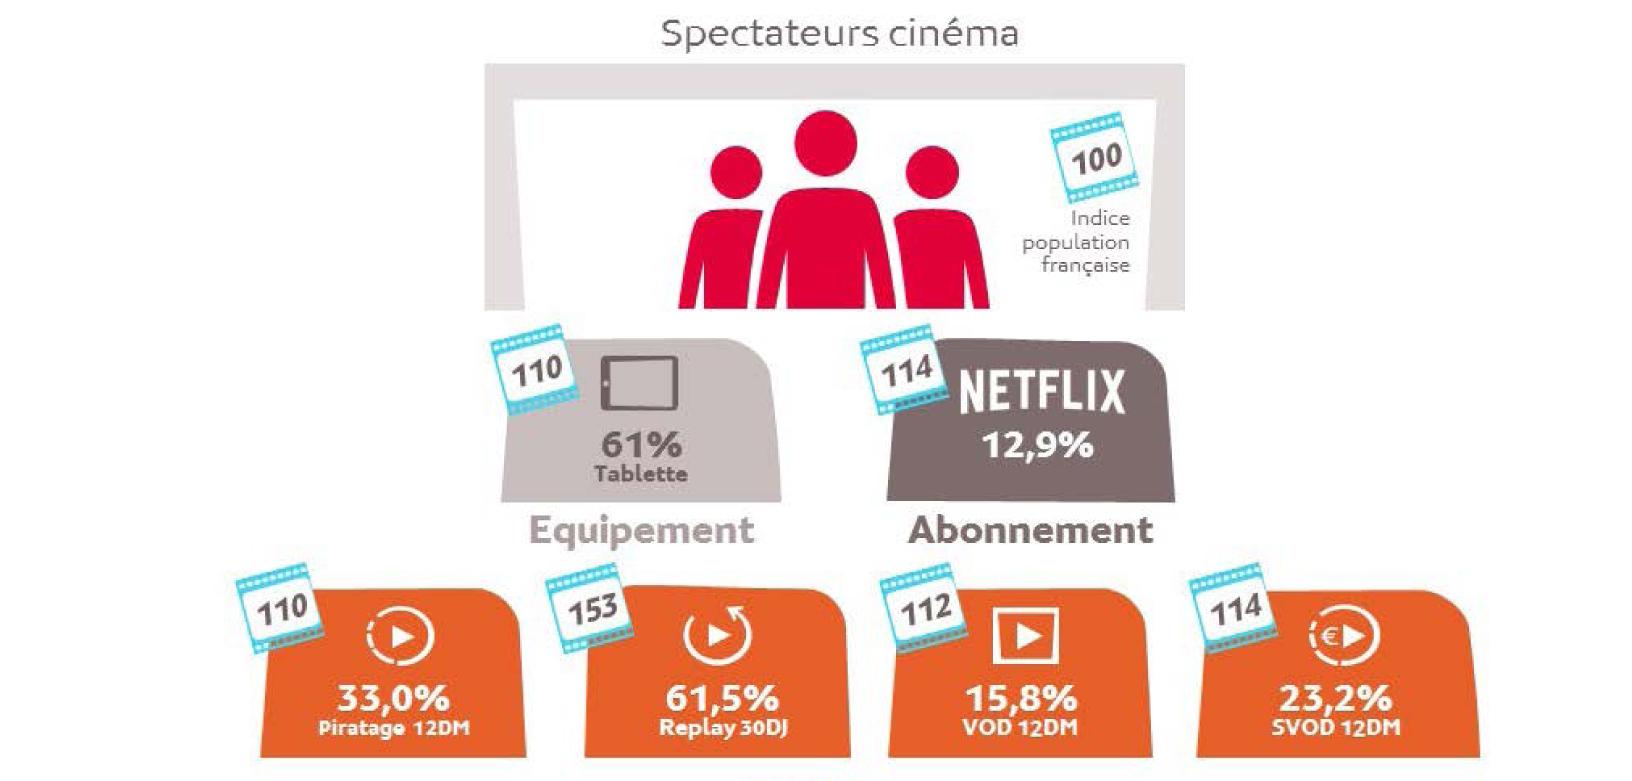 Des spectateurs cinéma multi-équipés, multi-abonnés, fans de contenus et adeptes de SVOD